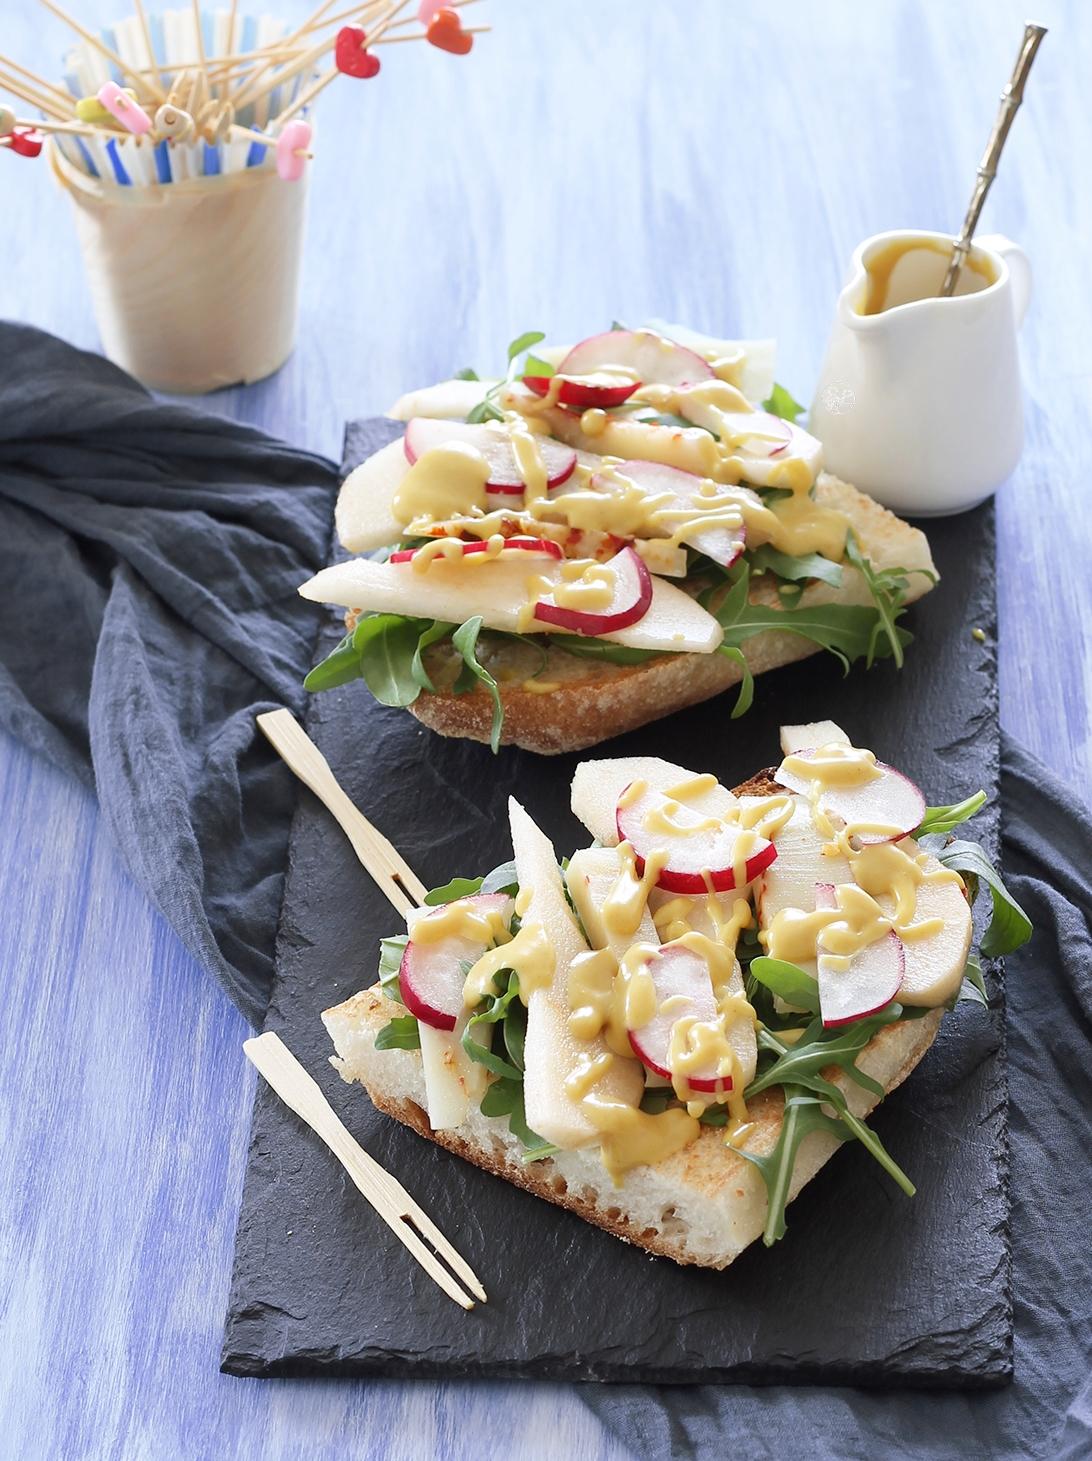 Bruschetta senza glutine con pere e primosale - La Cassata Celiaca